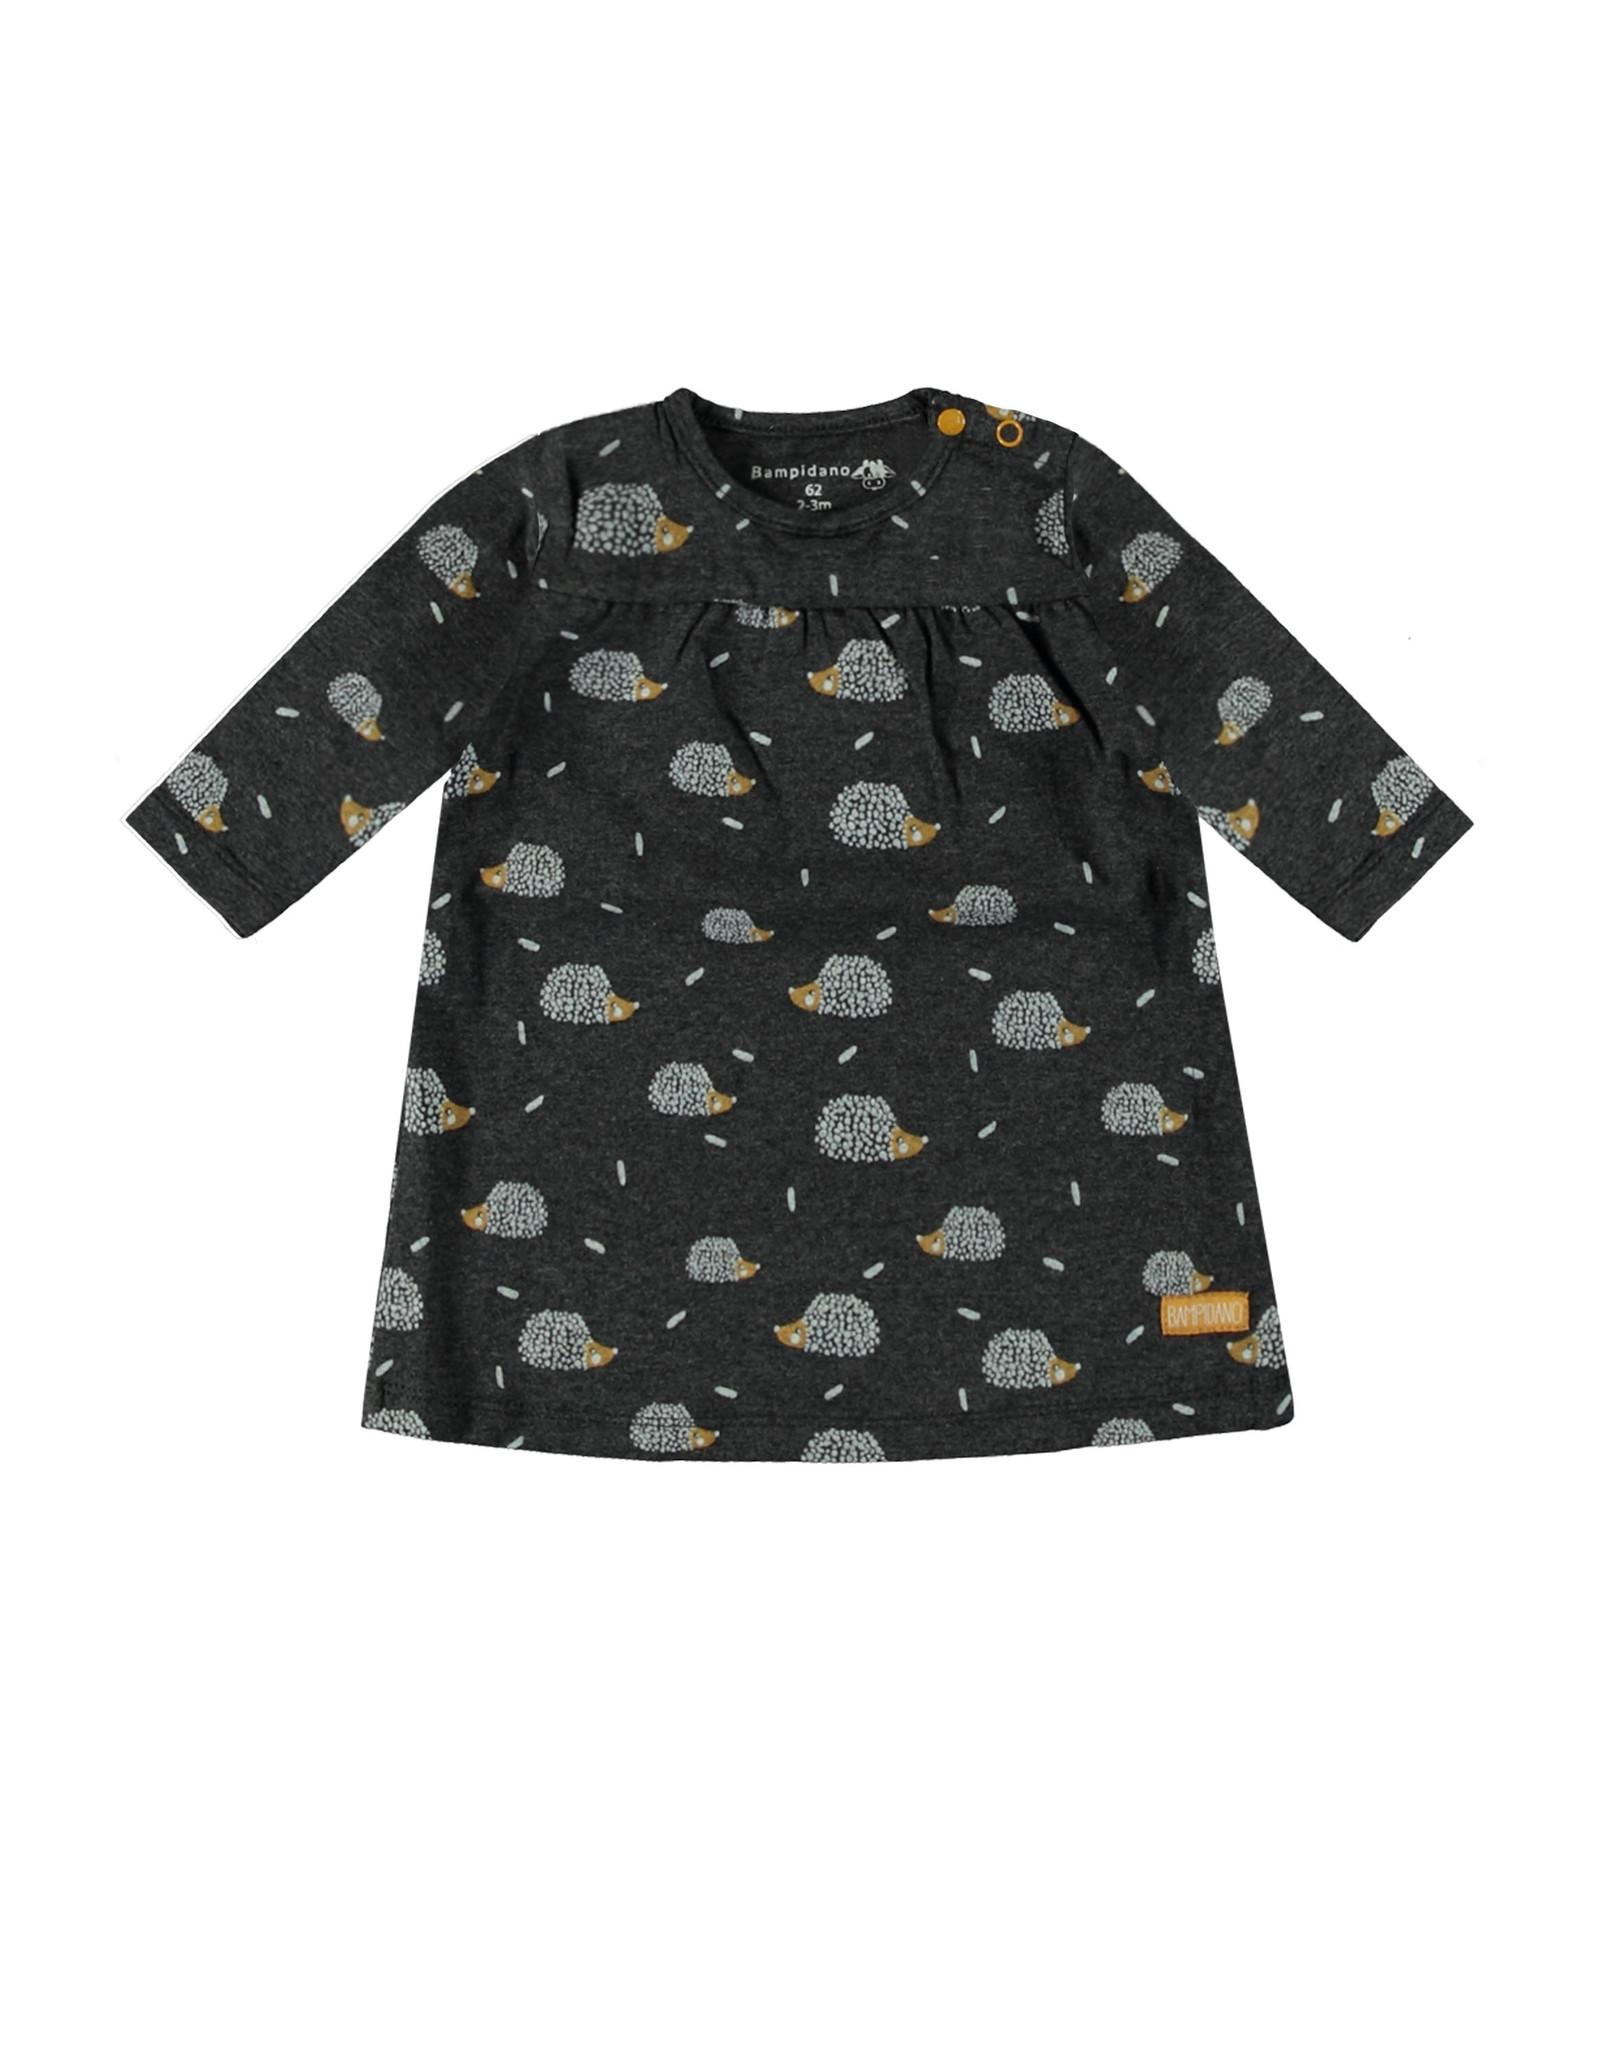 Bampidano Little Bampidano New Born dress Bente allover print FREE HUGS, anthra AOP